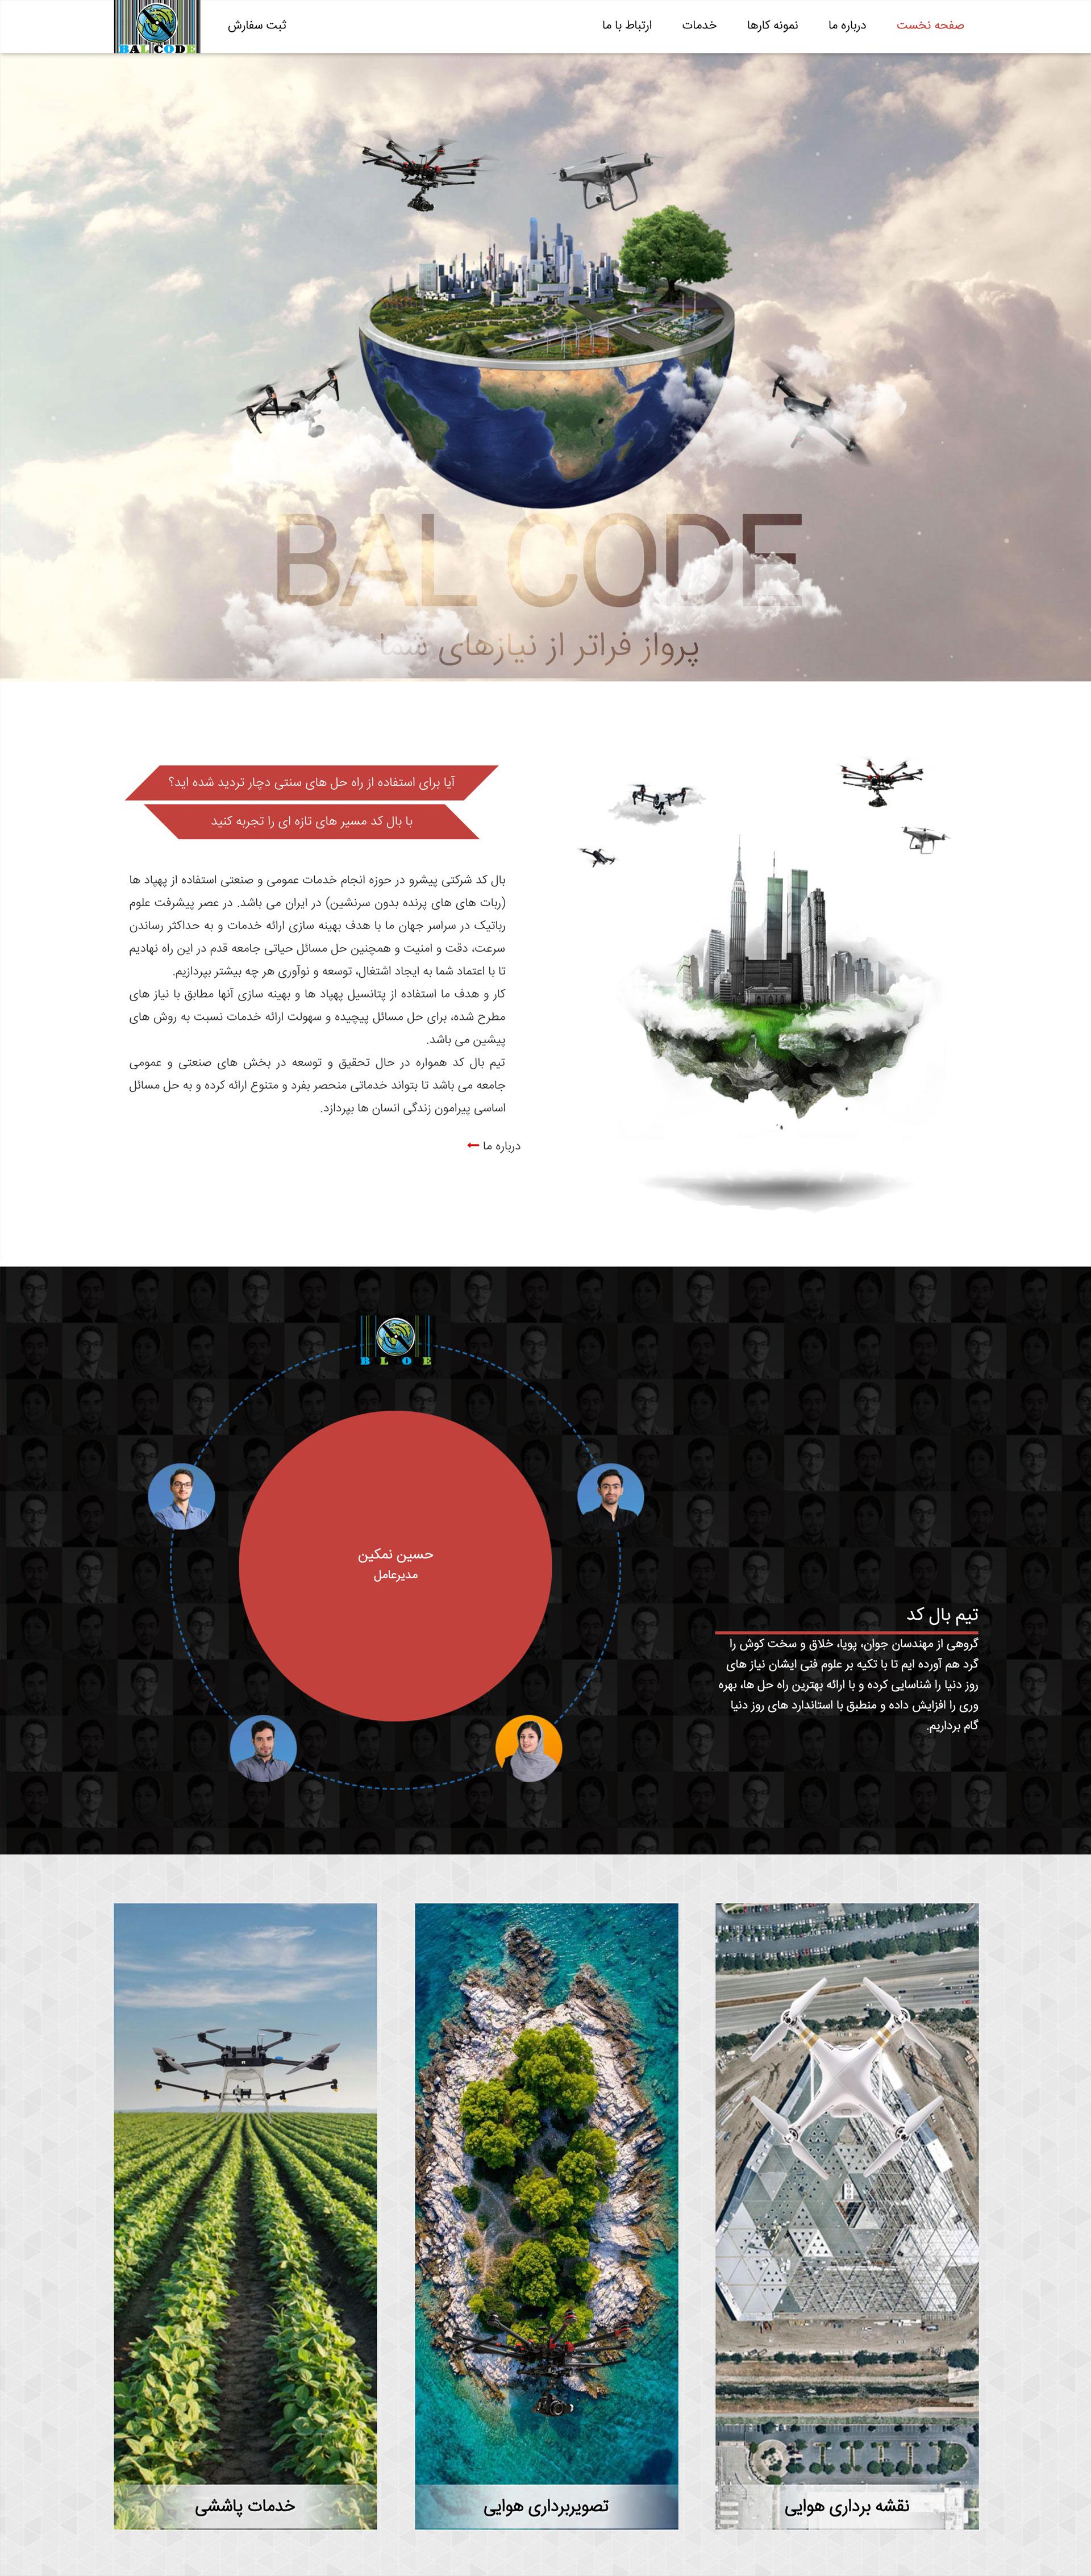 نمونه کار طراحی وب سایت پرواز با پهپاد